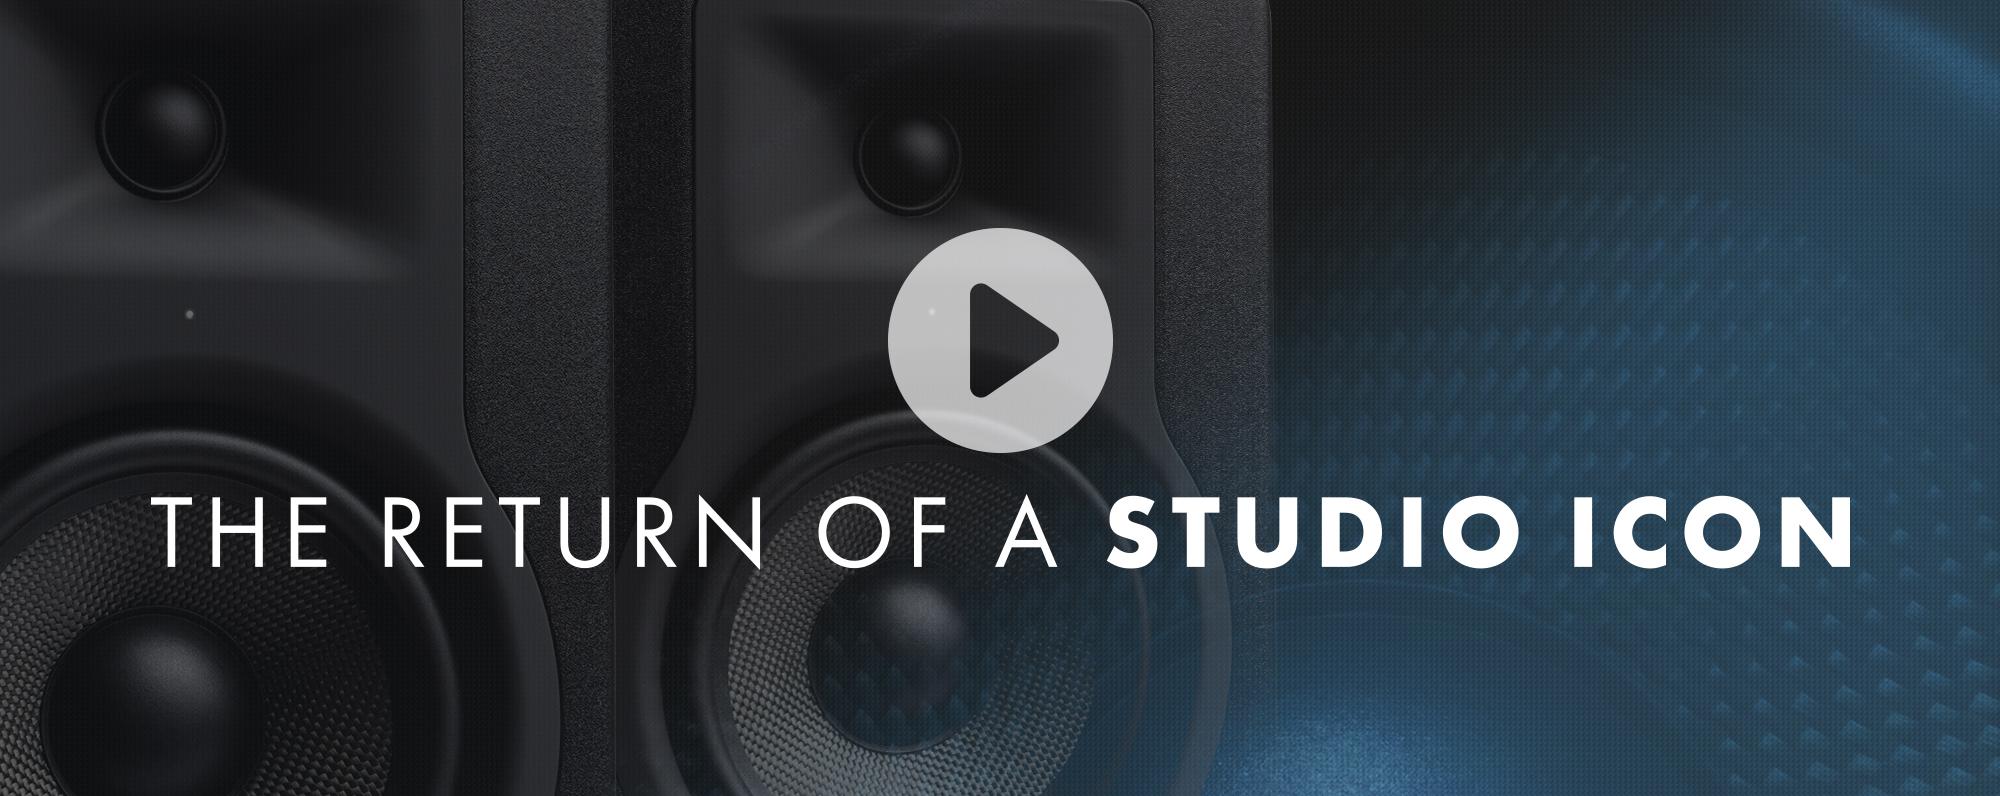 m audio rh m audio com M-Audio BX5a Deluxe Review M-Audio BX5a Repair